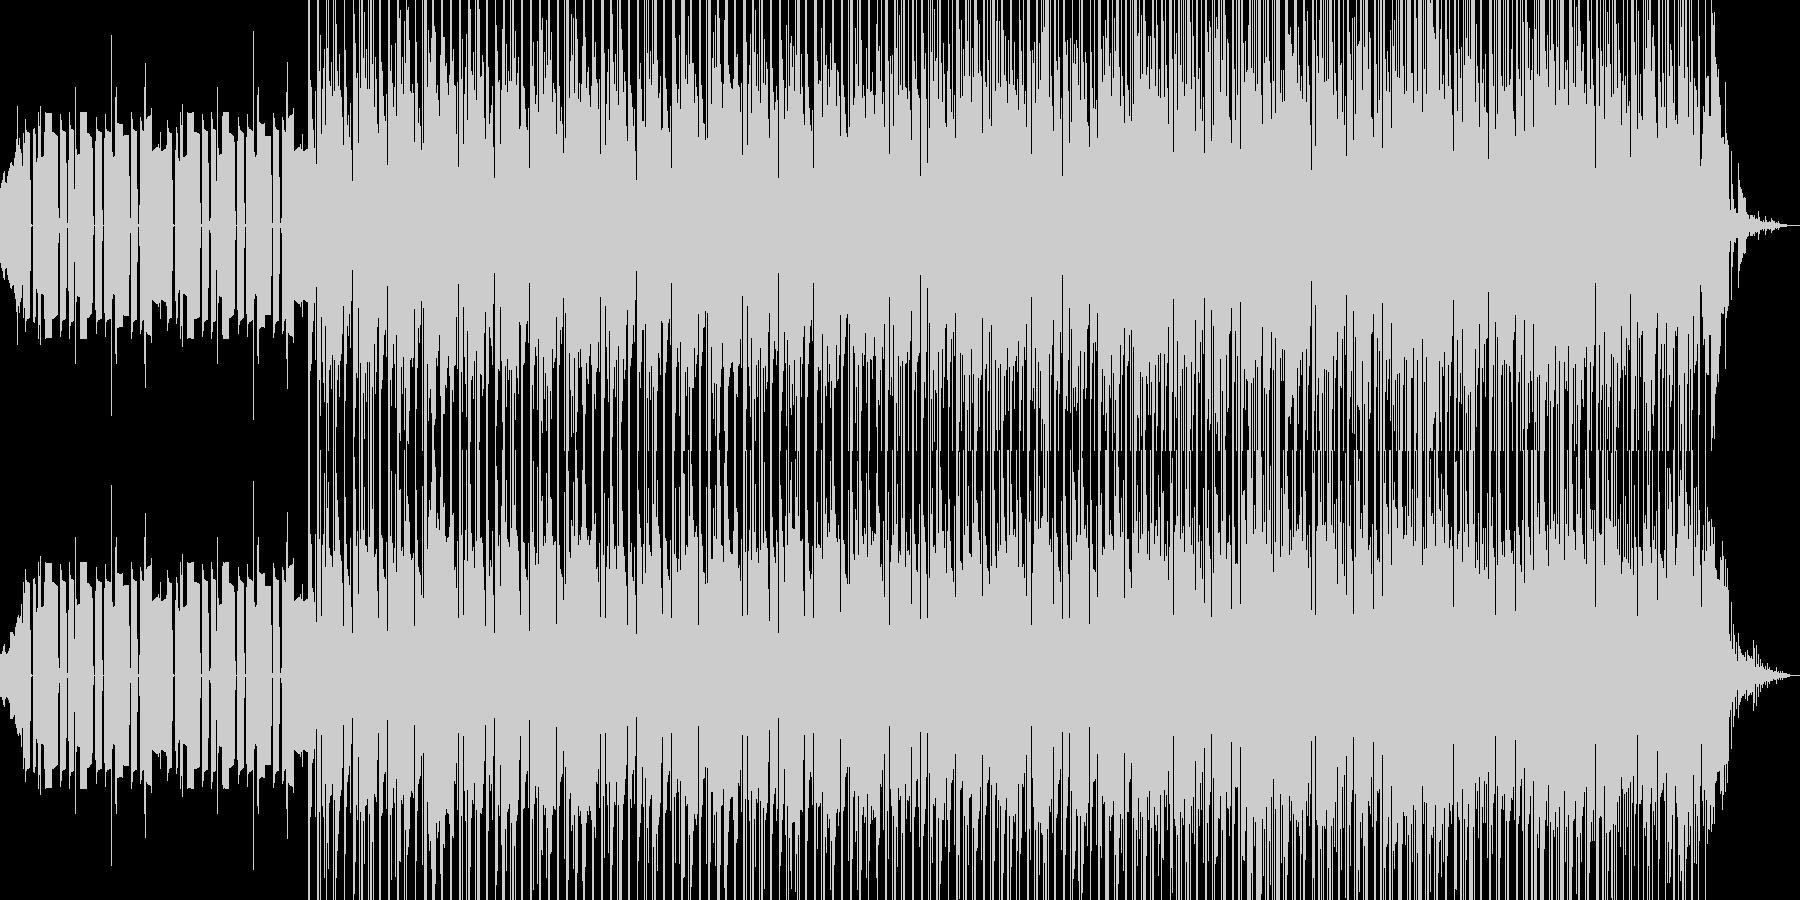 アンビエント アクティブ 明るい ...の未再生の波形